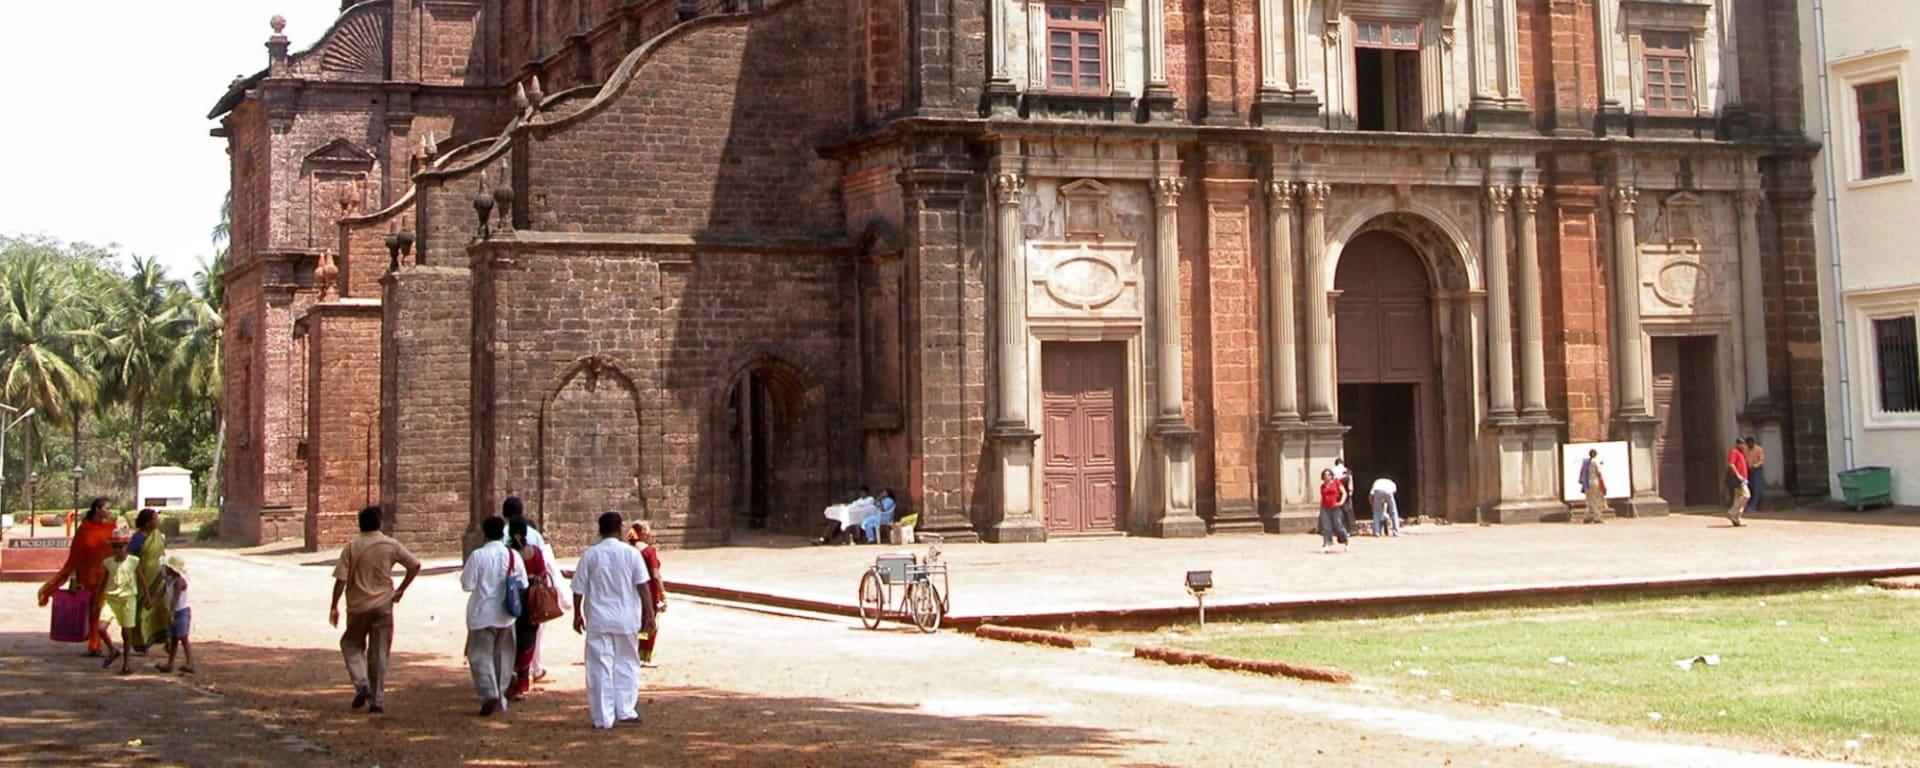 Vielfältiges Goa: Goa Basilica of Bom Jesus 001 - G